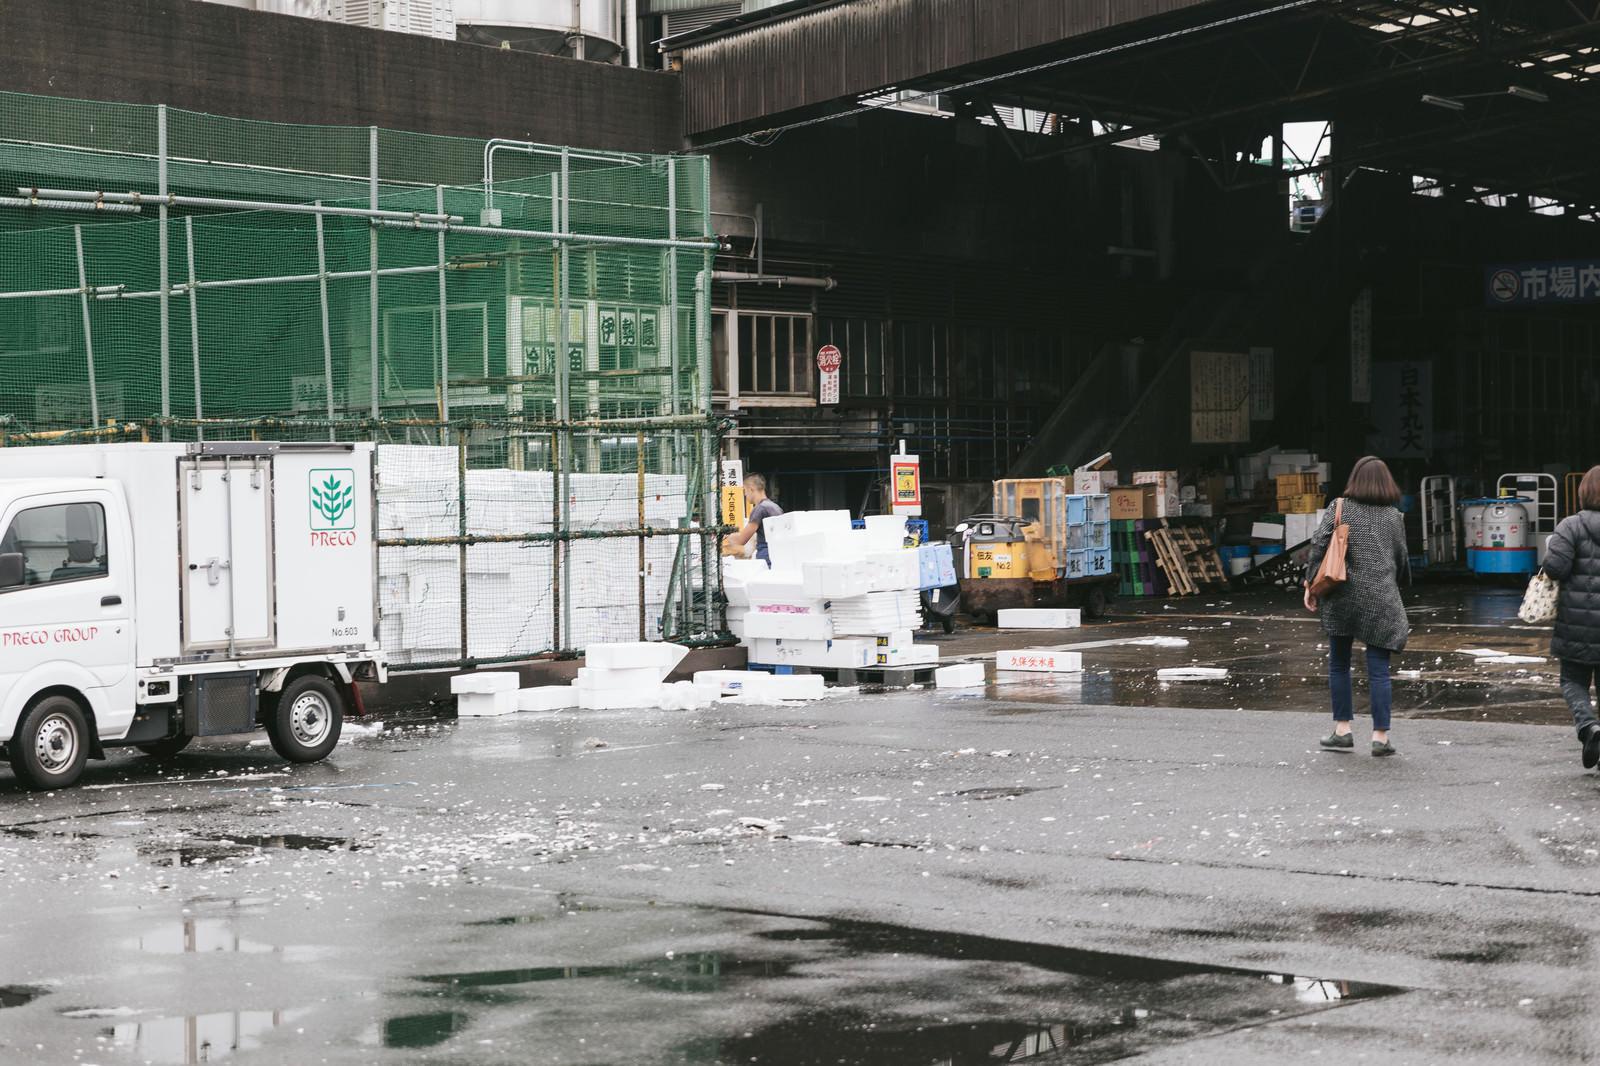 「築地市場入り口(発泡スチロールの山) | 写真の無料素材・フリー素材 - ぱくたそ」の写真